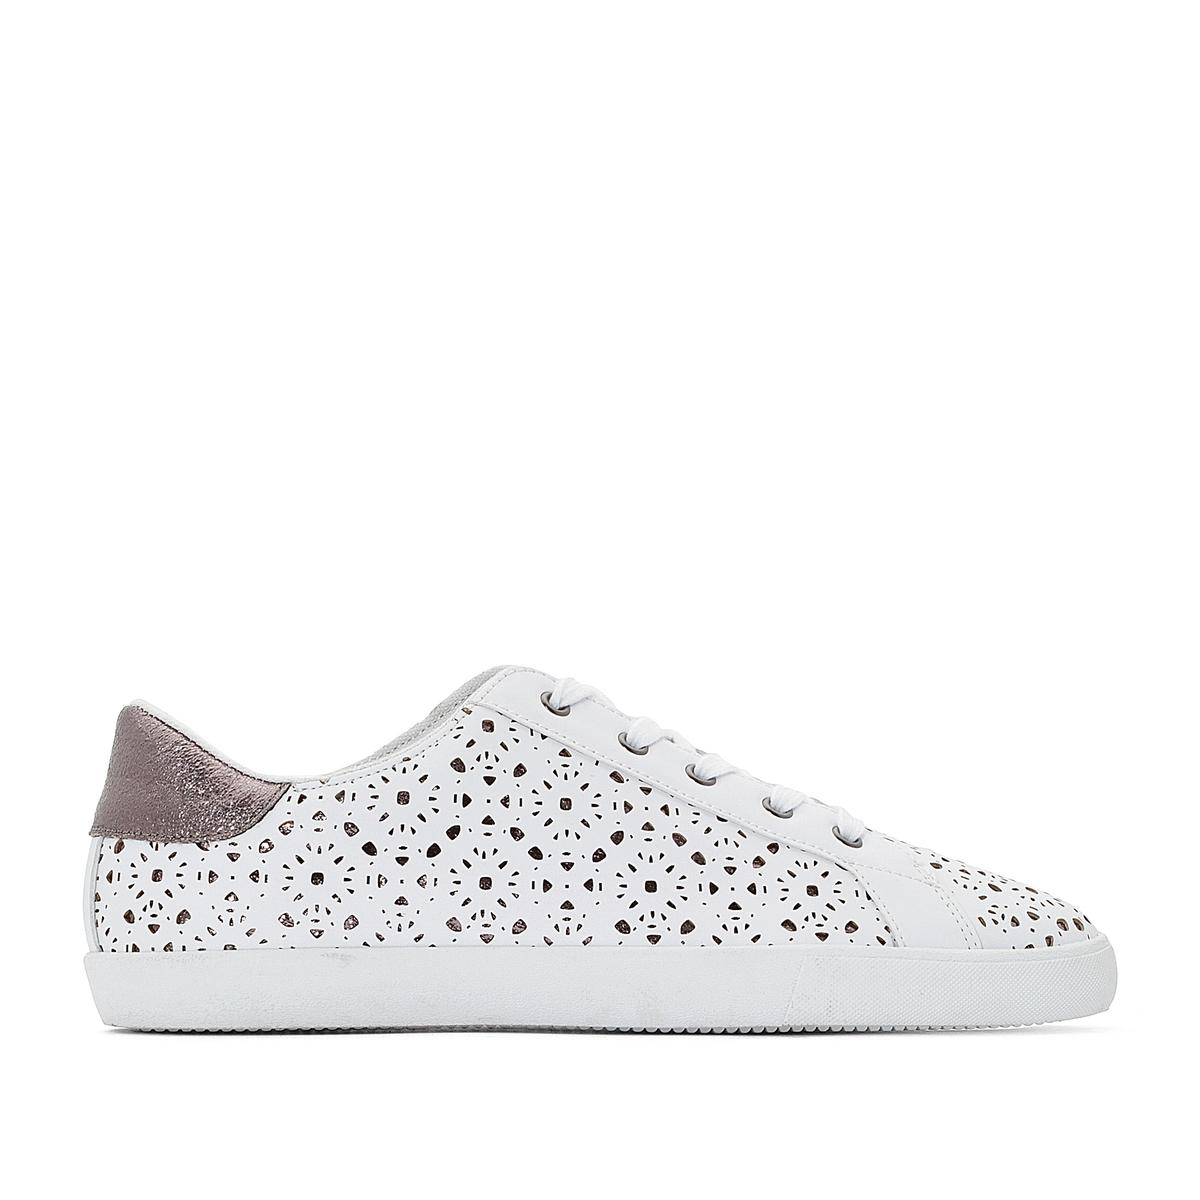 Кеды La Redoute Низкие на шнуровке с перфорацией под кружево 38 белый ботинки la redoute на шнуровке 38 белый